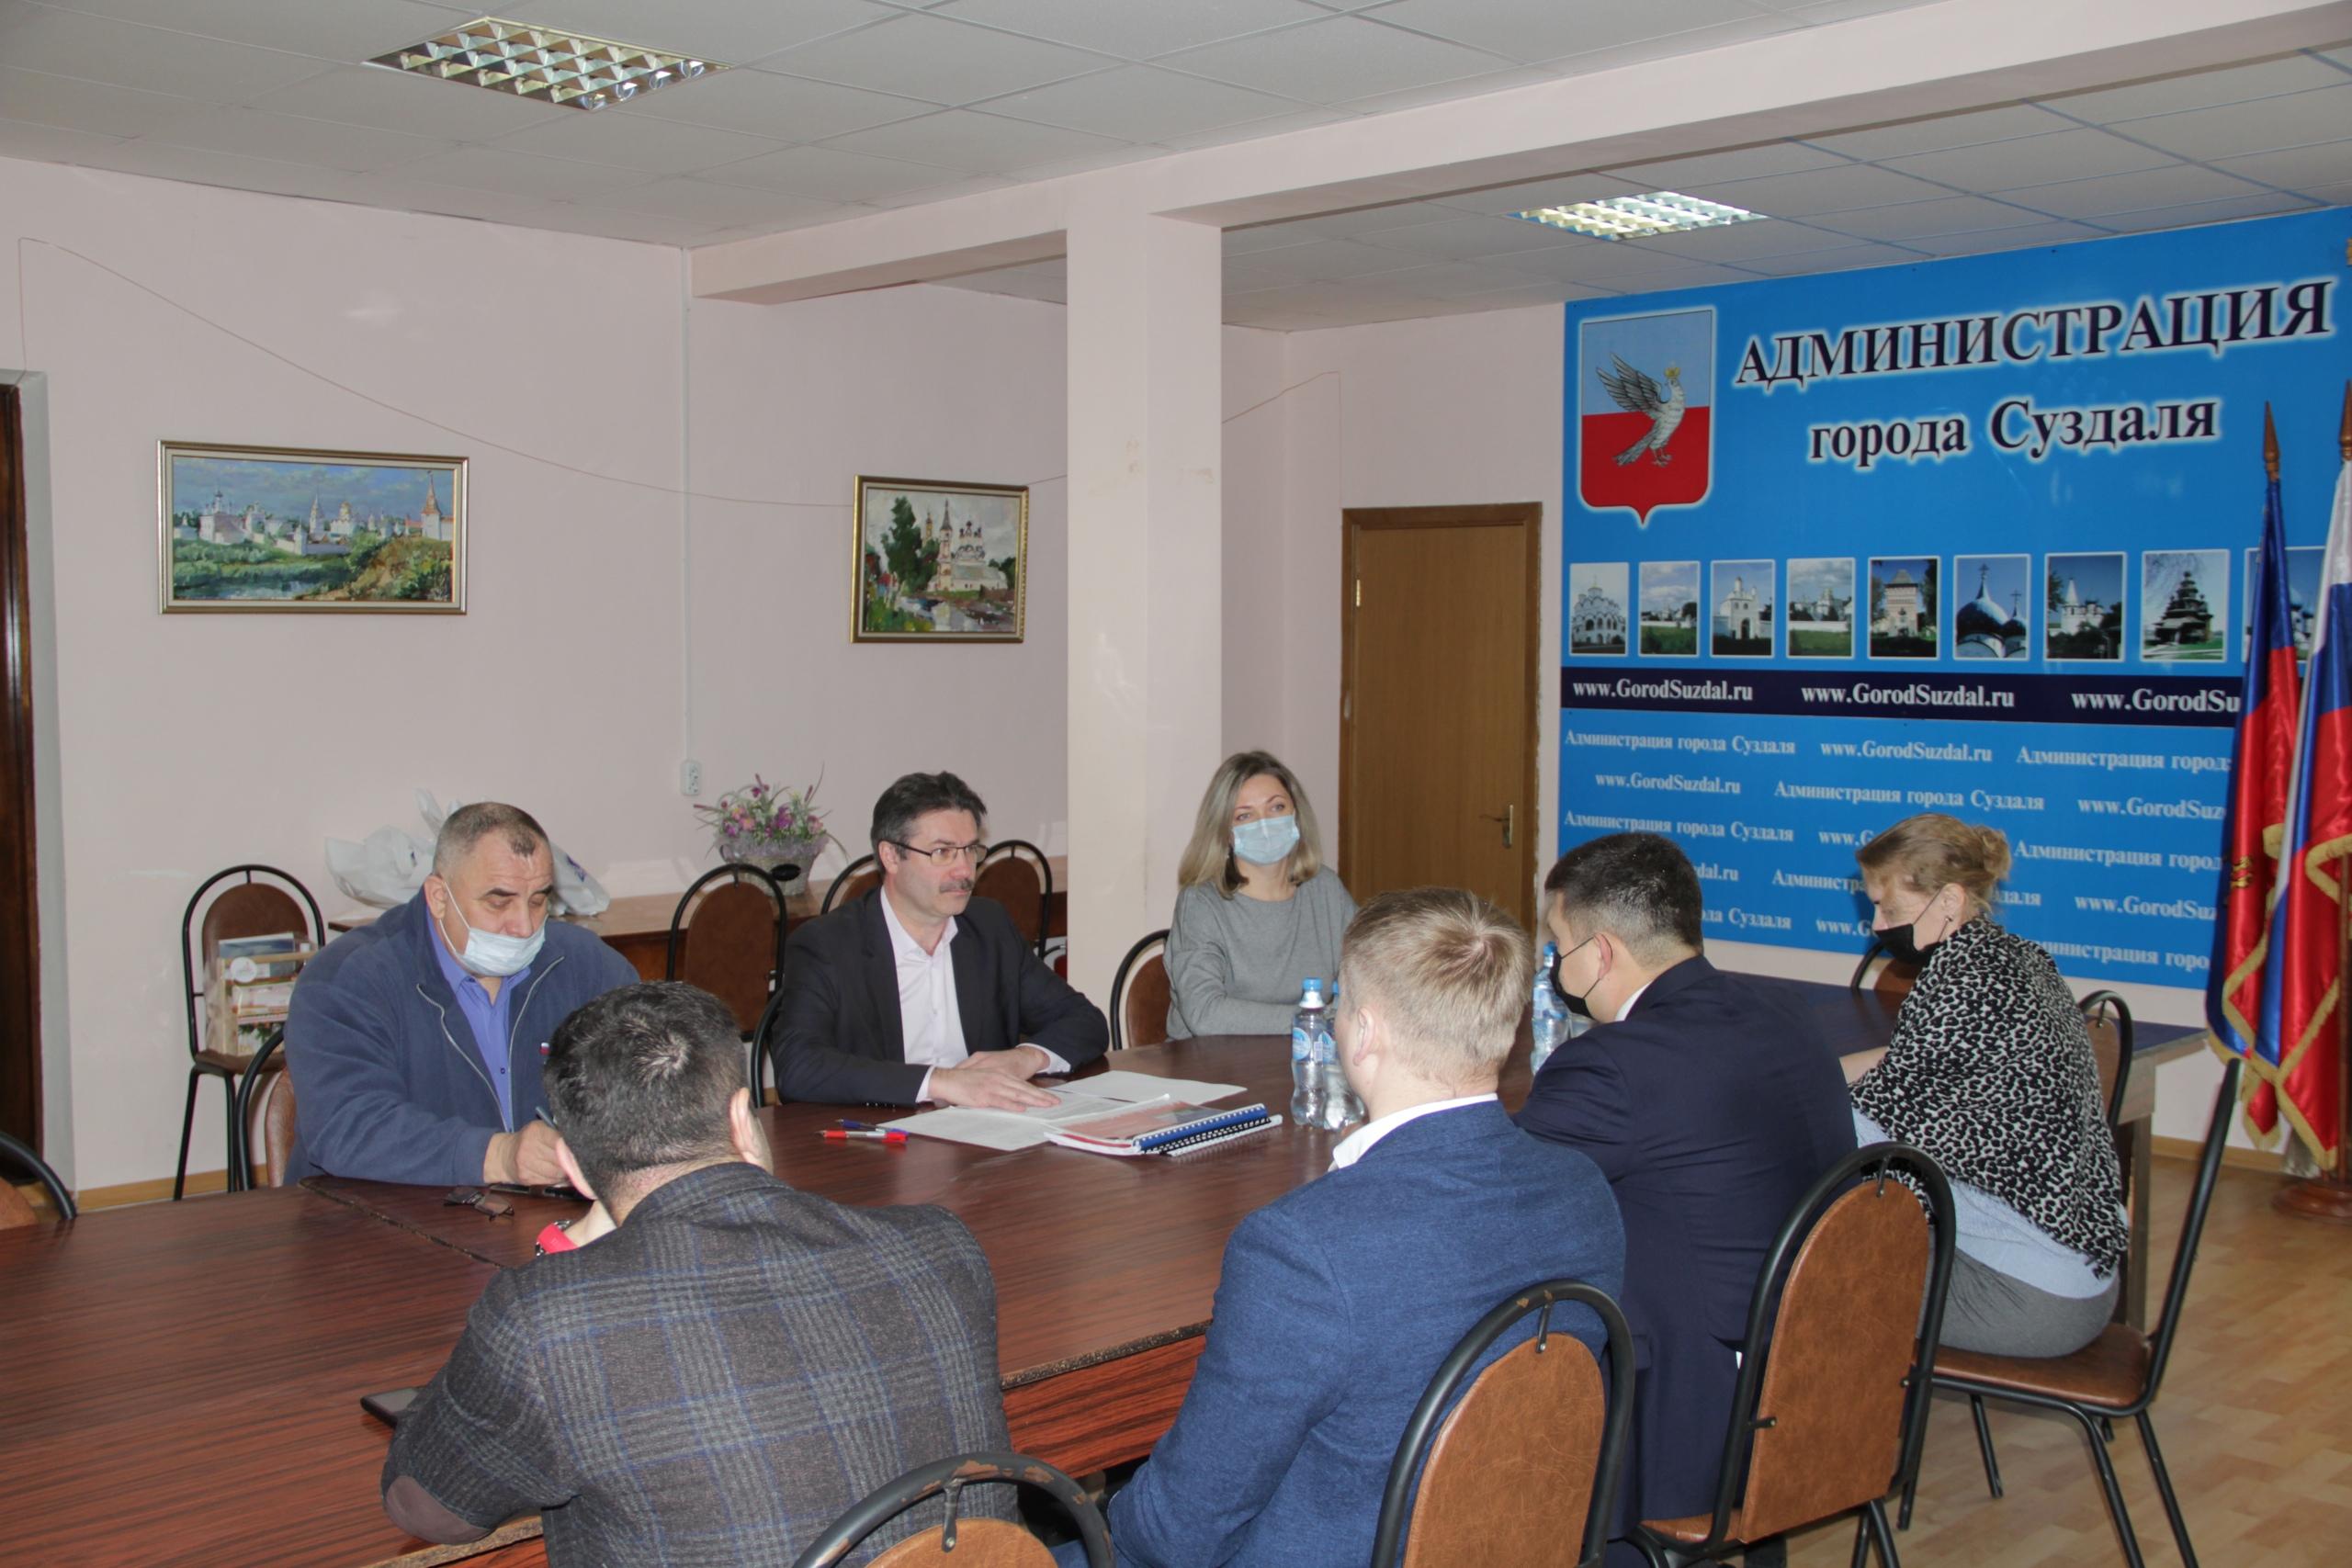 Суздаль посетила официальная делегация из города Сарапула